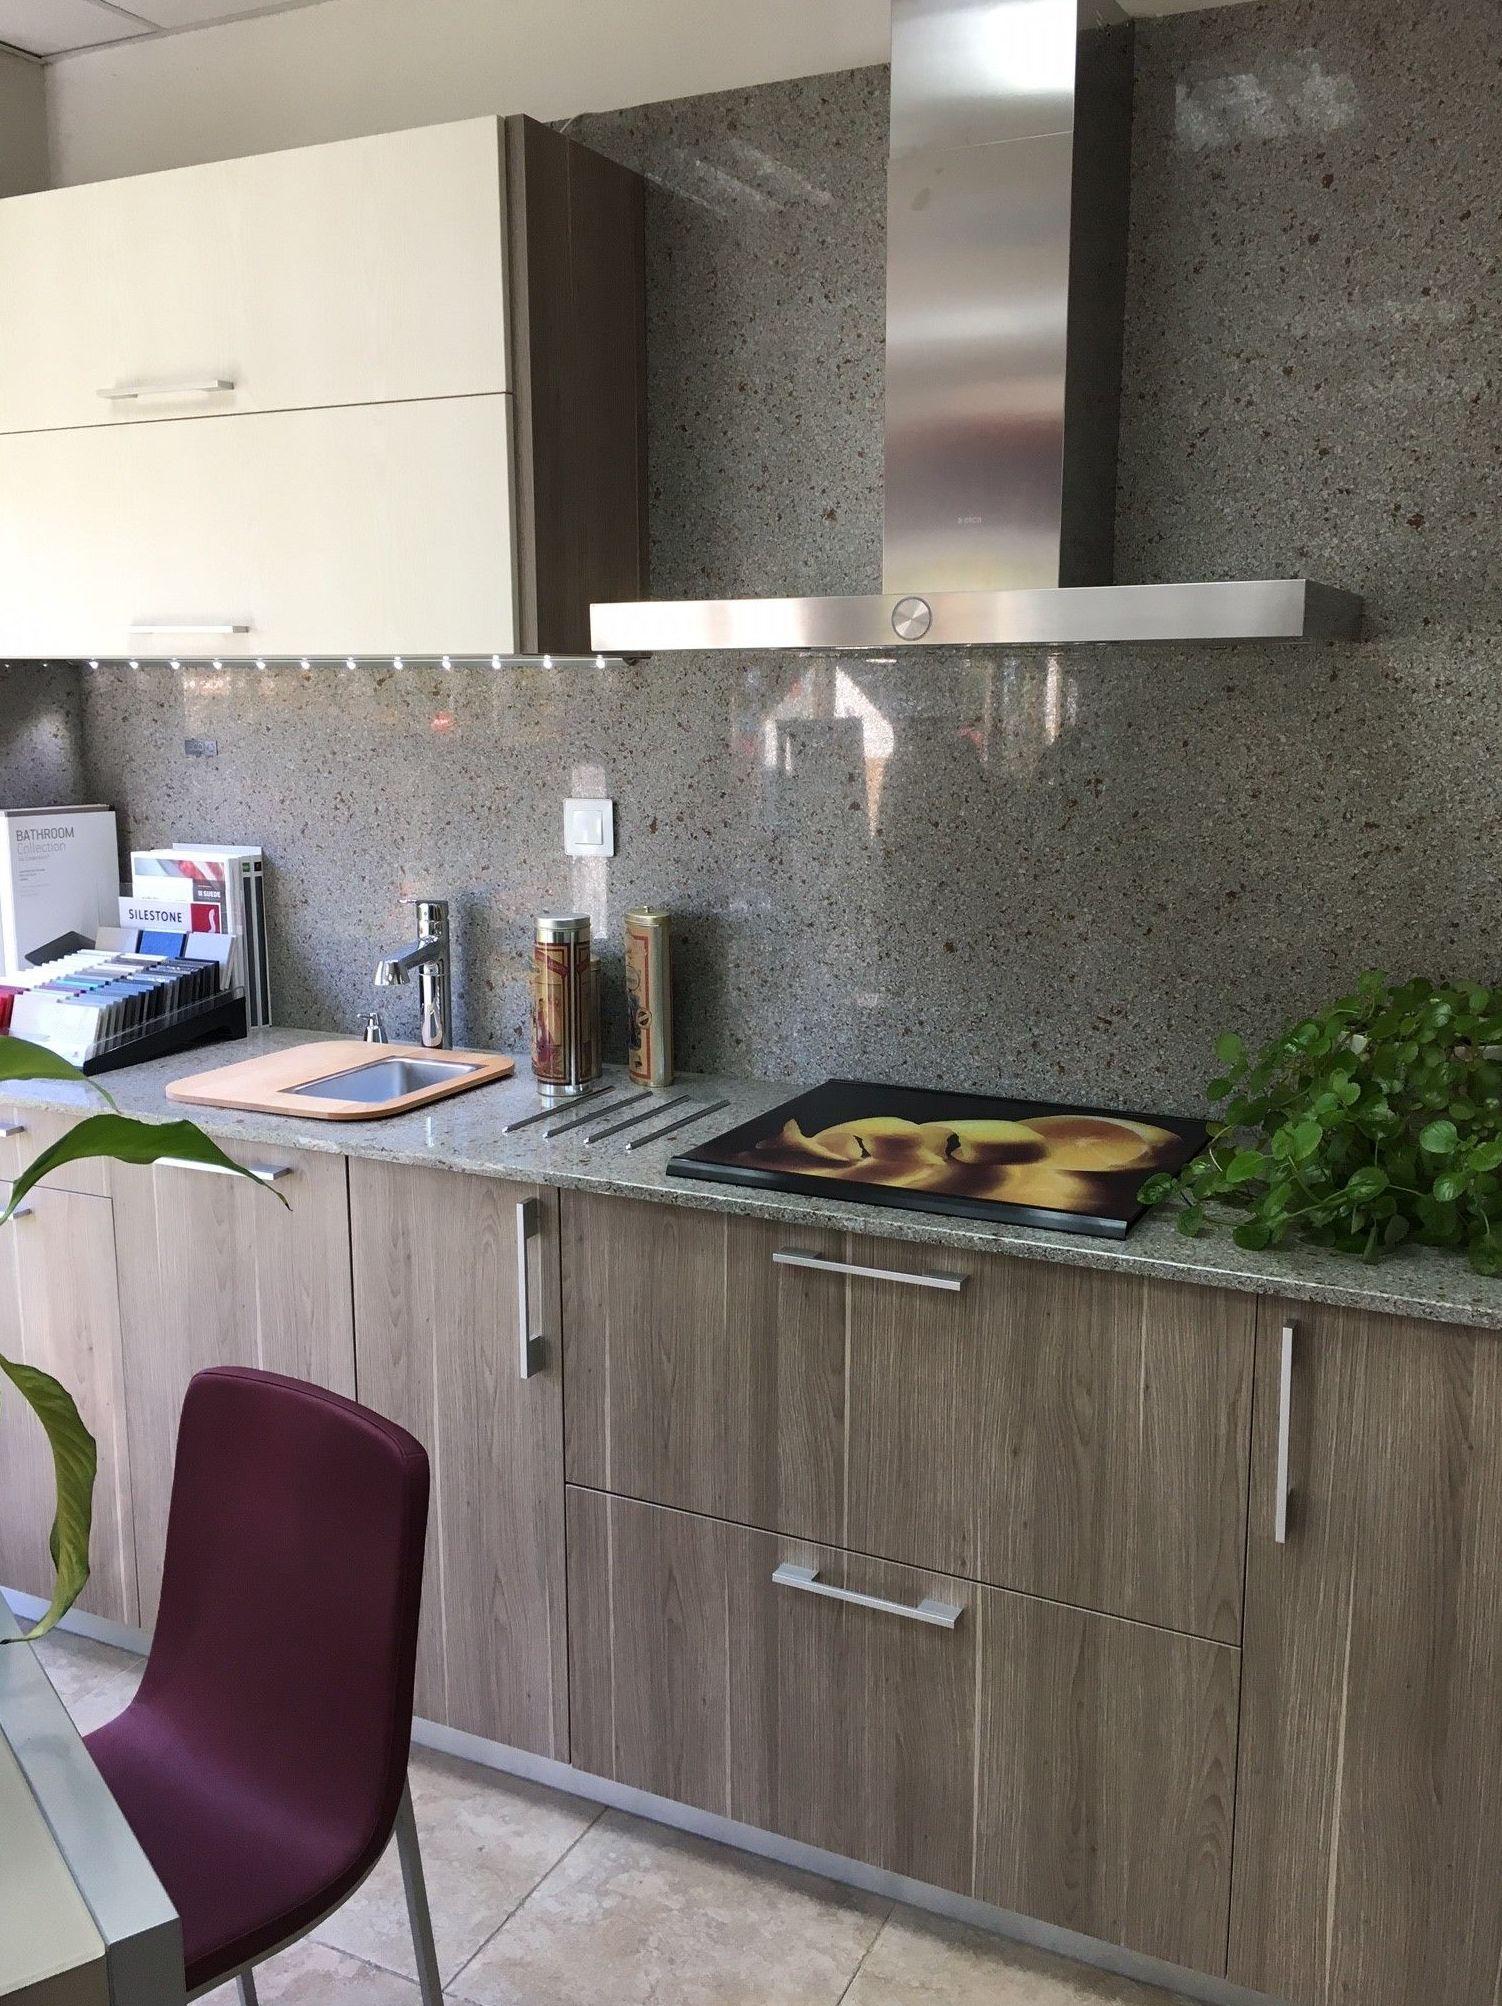 Foto 5 de Muebles de baño y cocina en Madrid | Atrezzo Cocina y Baño